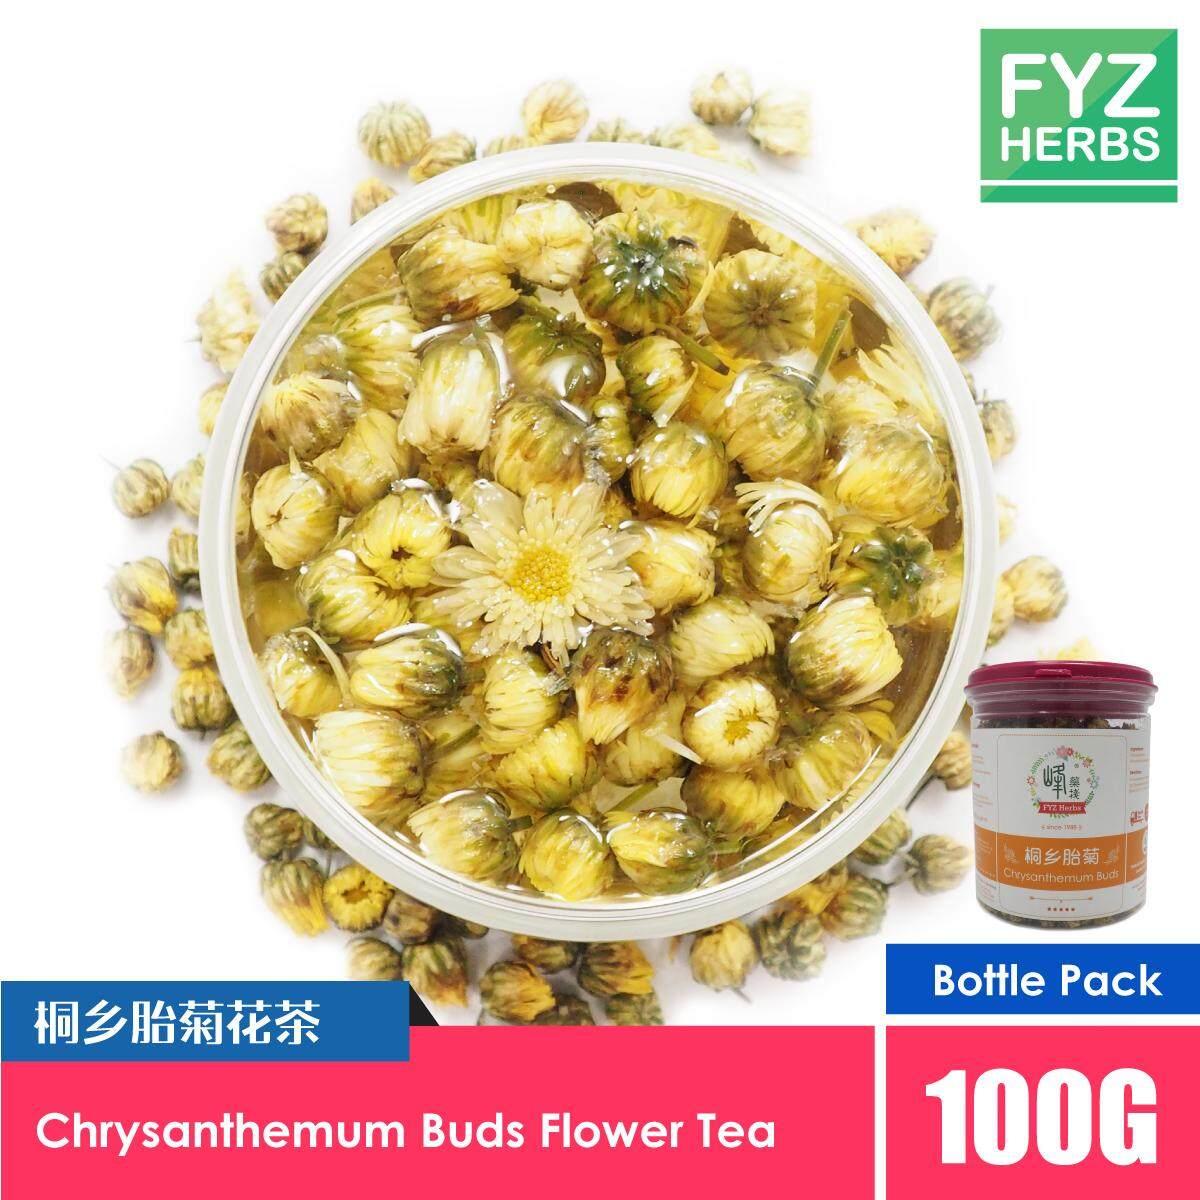 FYZ Herbs Chrysanthemum Bud Flower Tea 100g [Bottle Pack] 桐乡胎菊罐装 100g